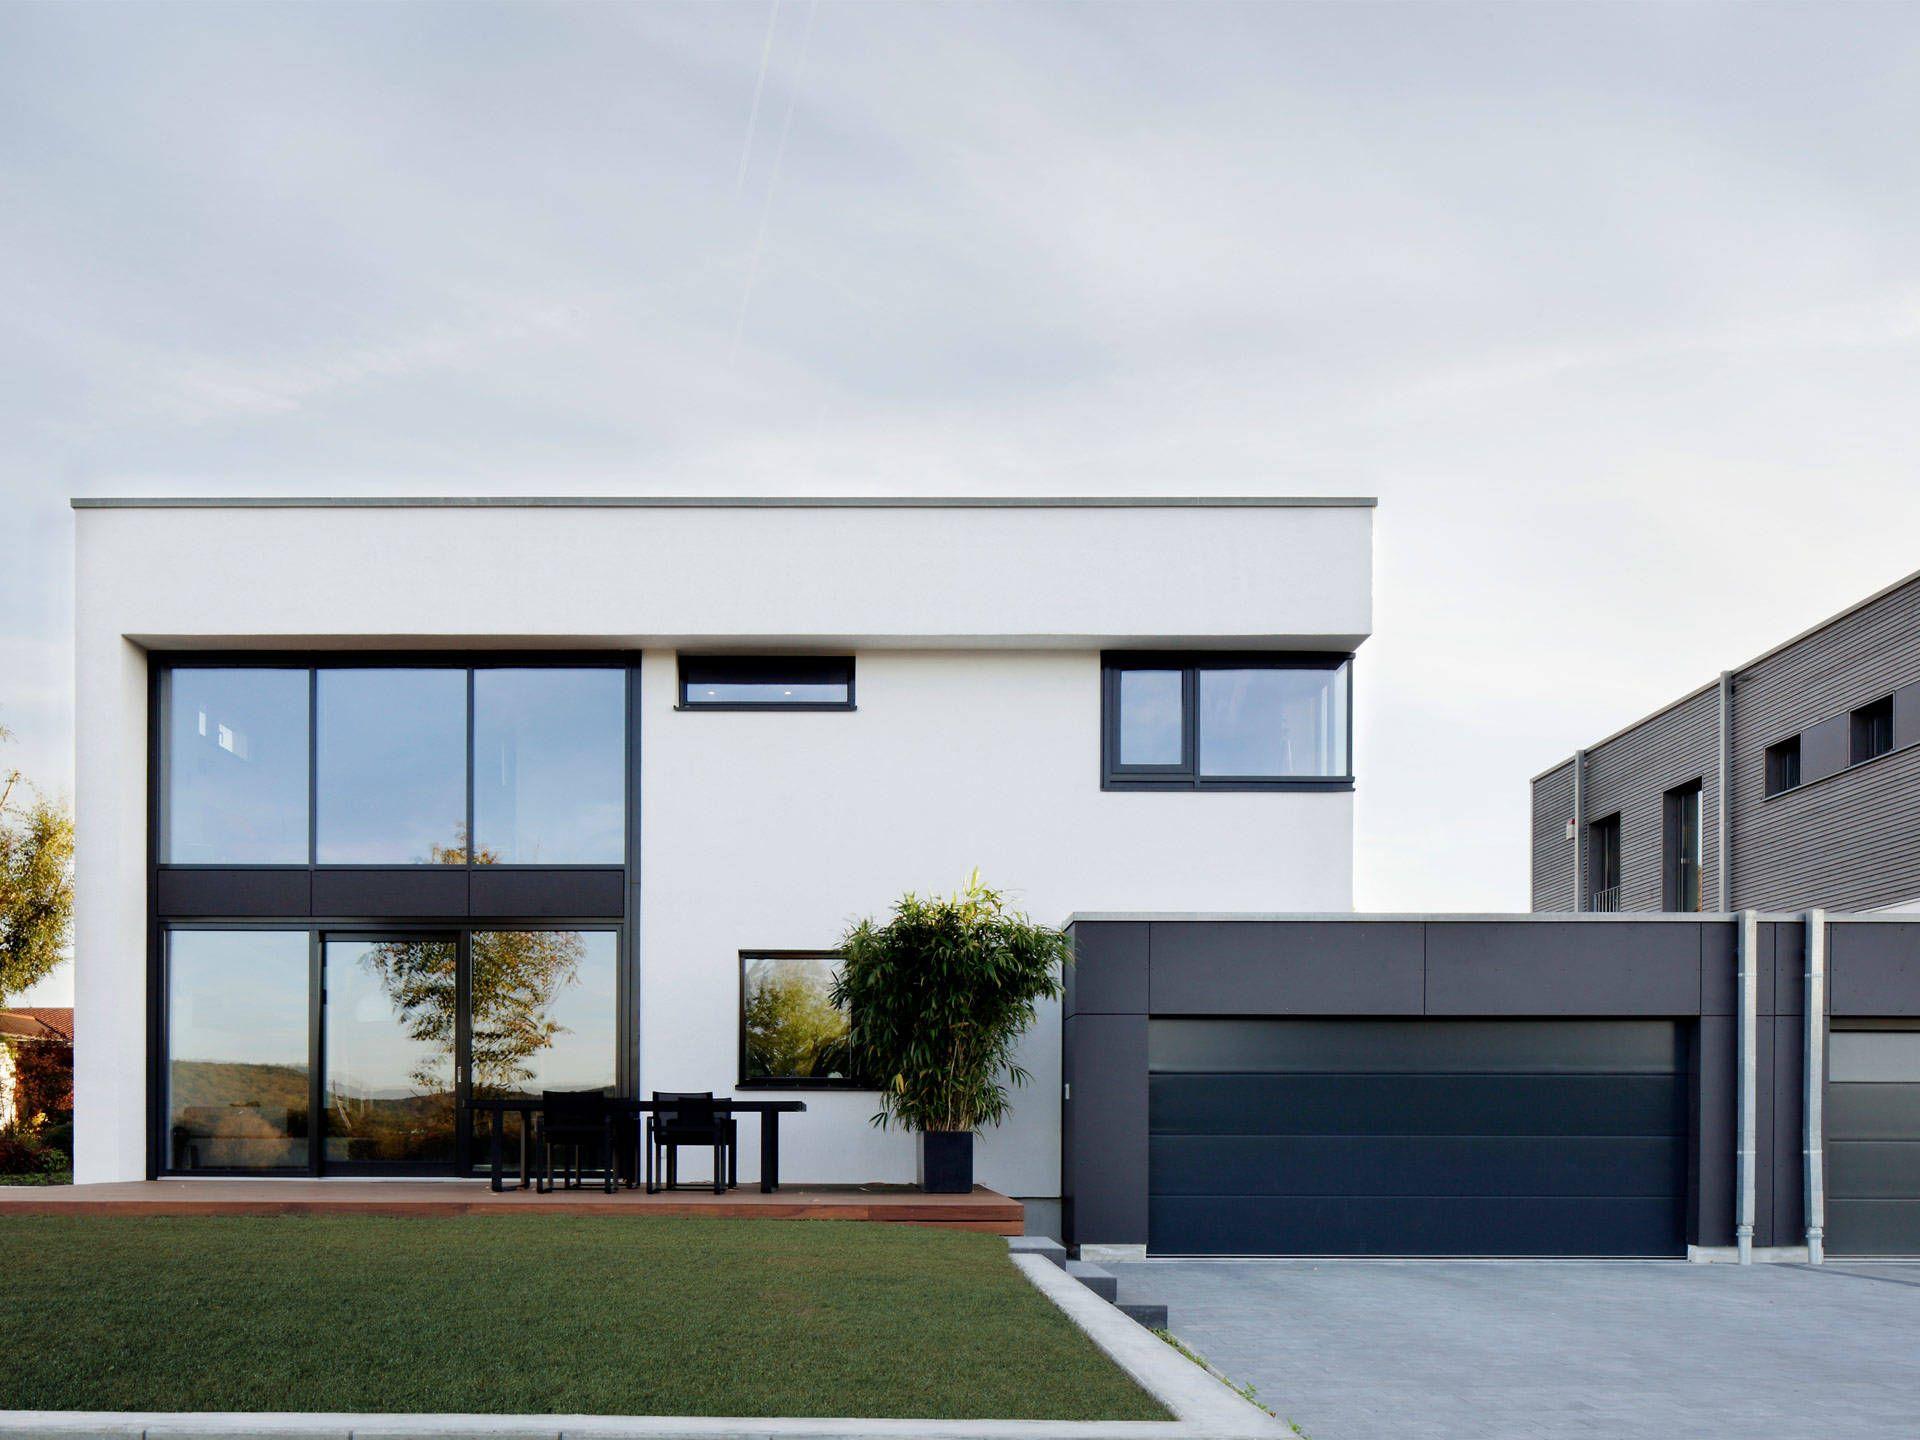 doppelhaus nilles in 2019 zweifamilienhaus haus haus bauen und cube haus. Black Bedroom Furniture Sets. Home Design Ideas